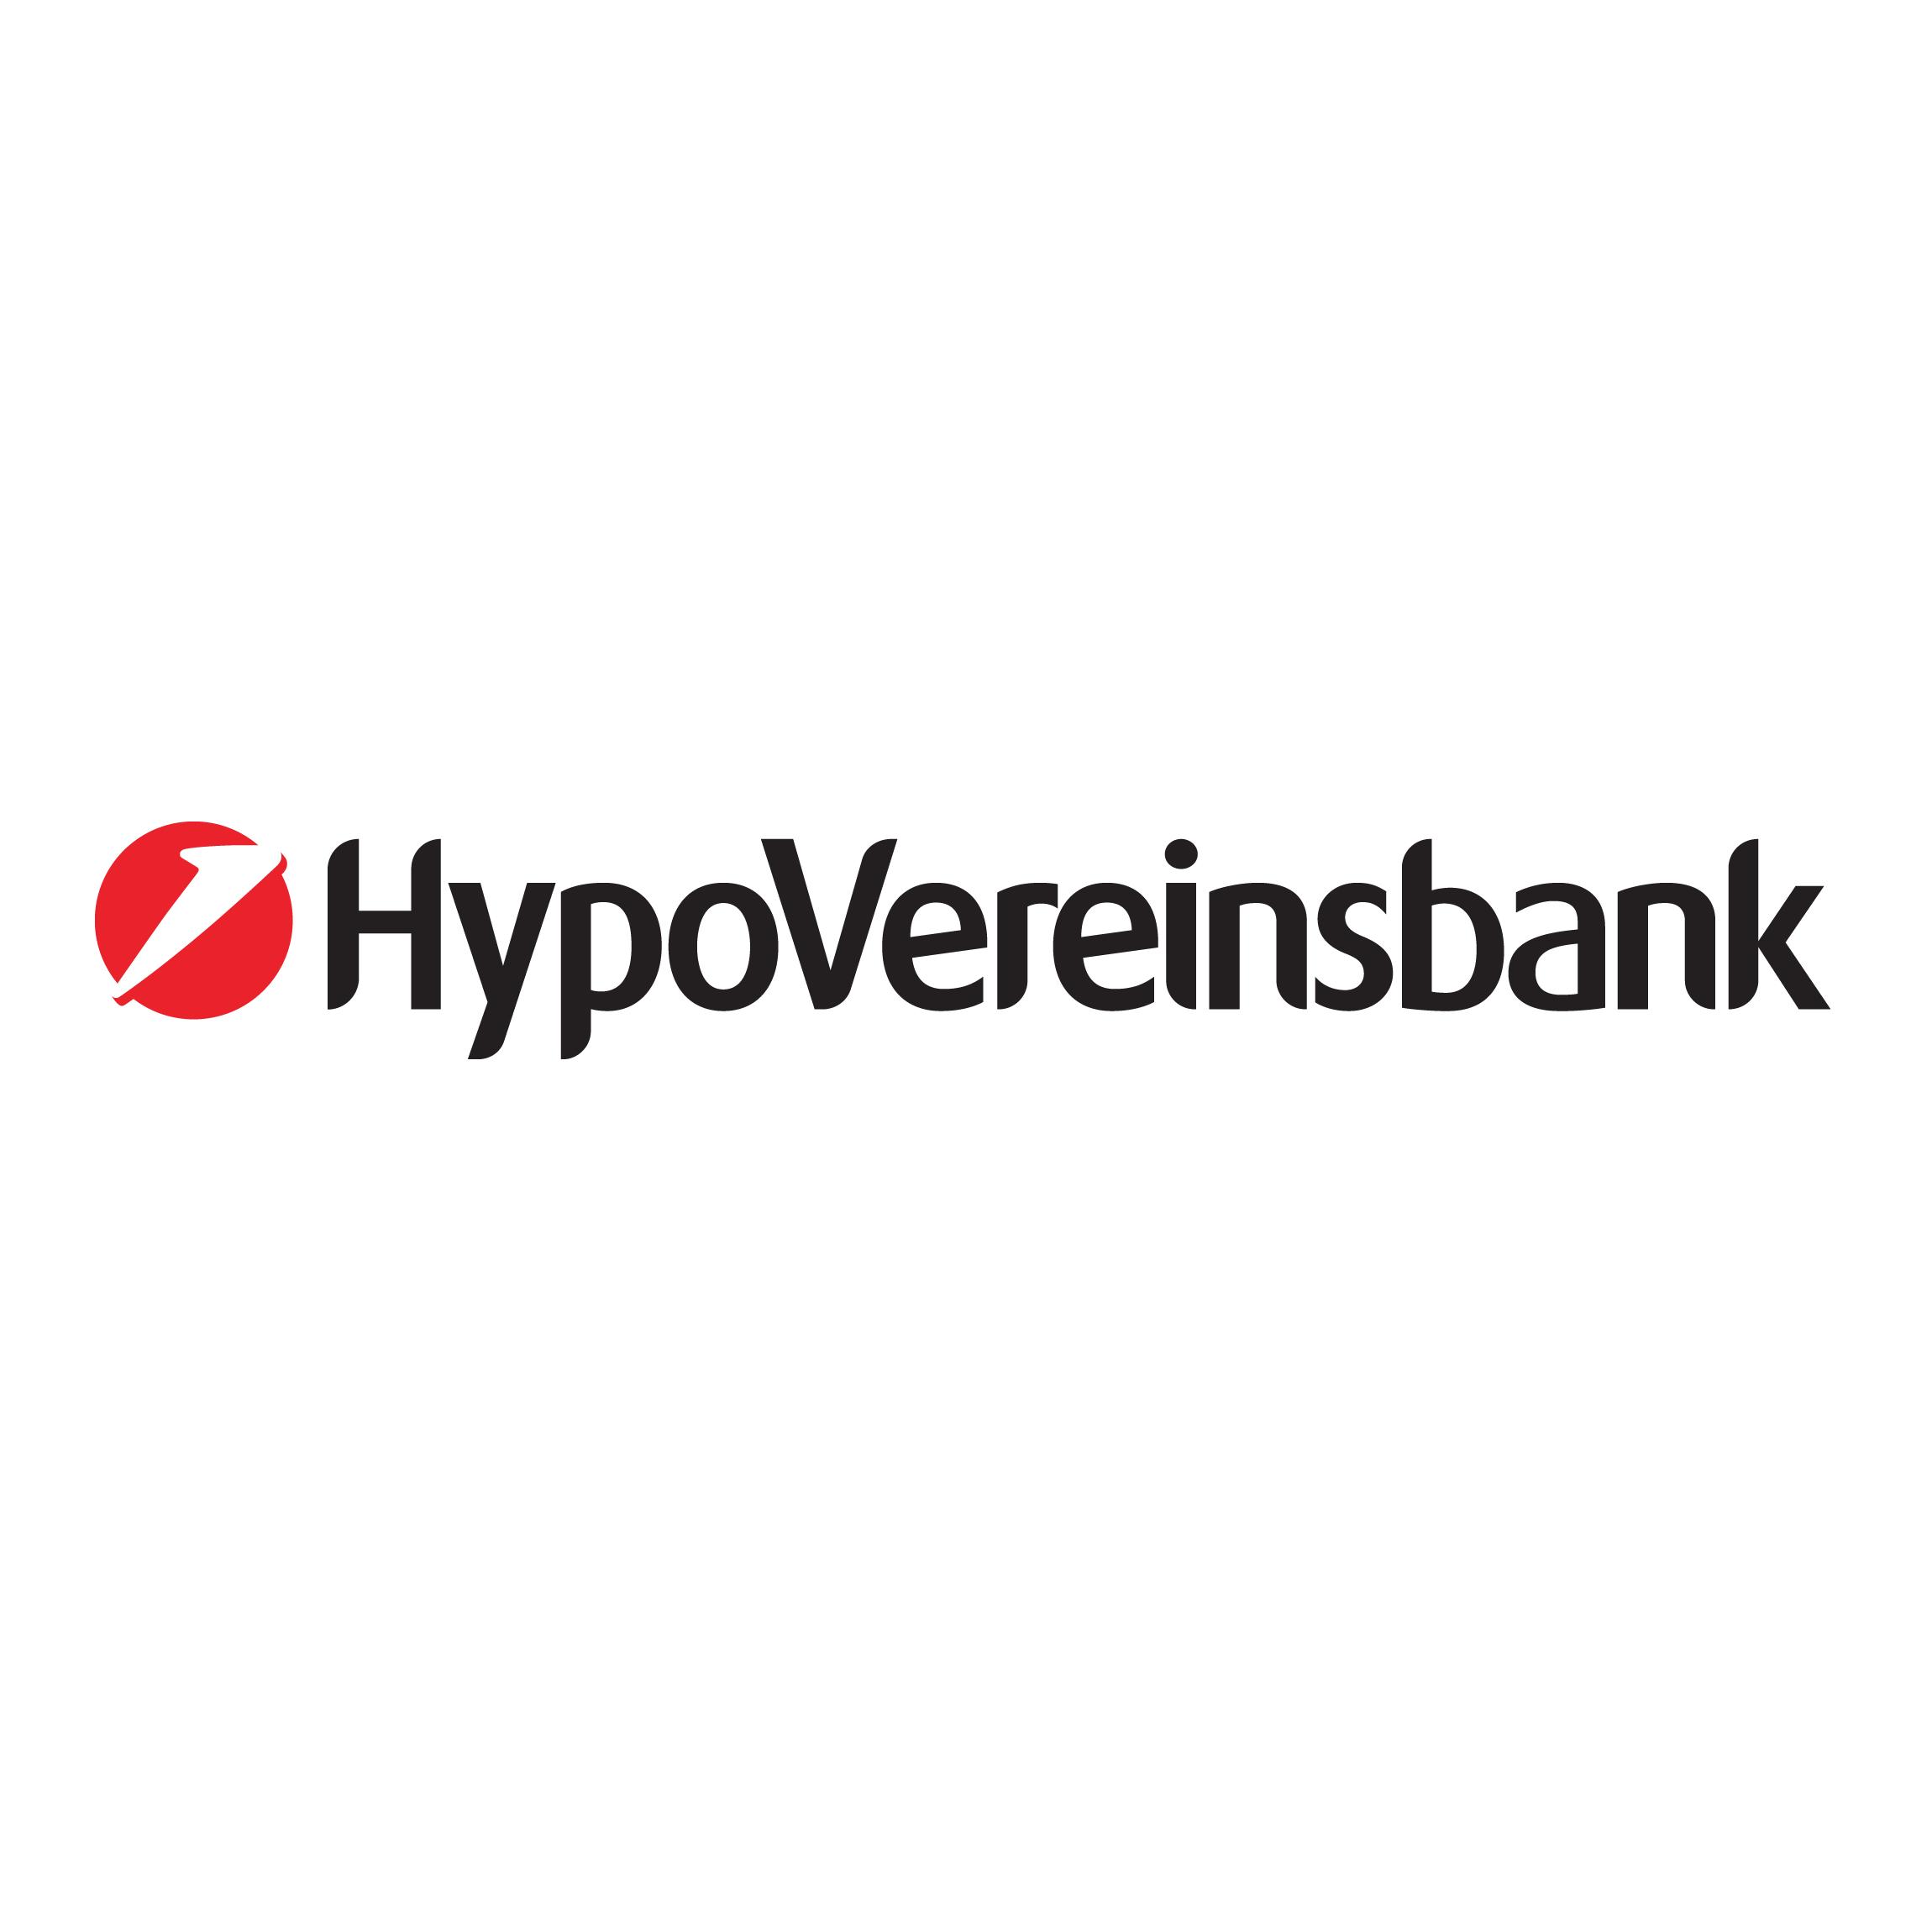 HypoVereinsbank Unternehmenskunden Regensburg